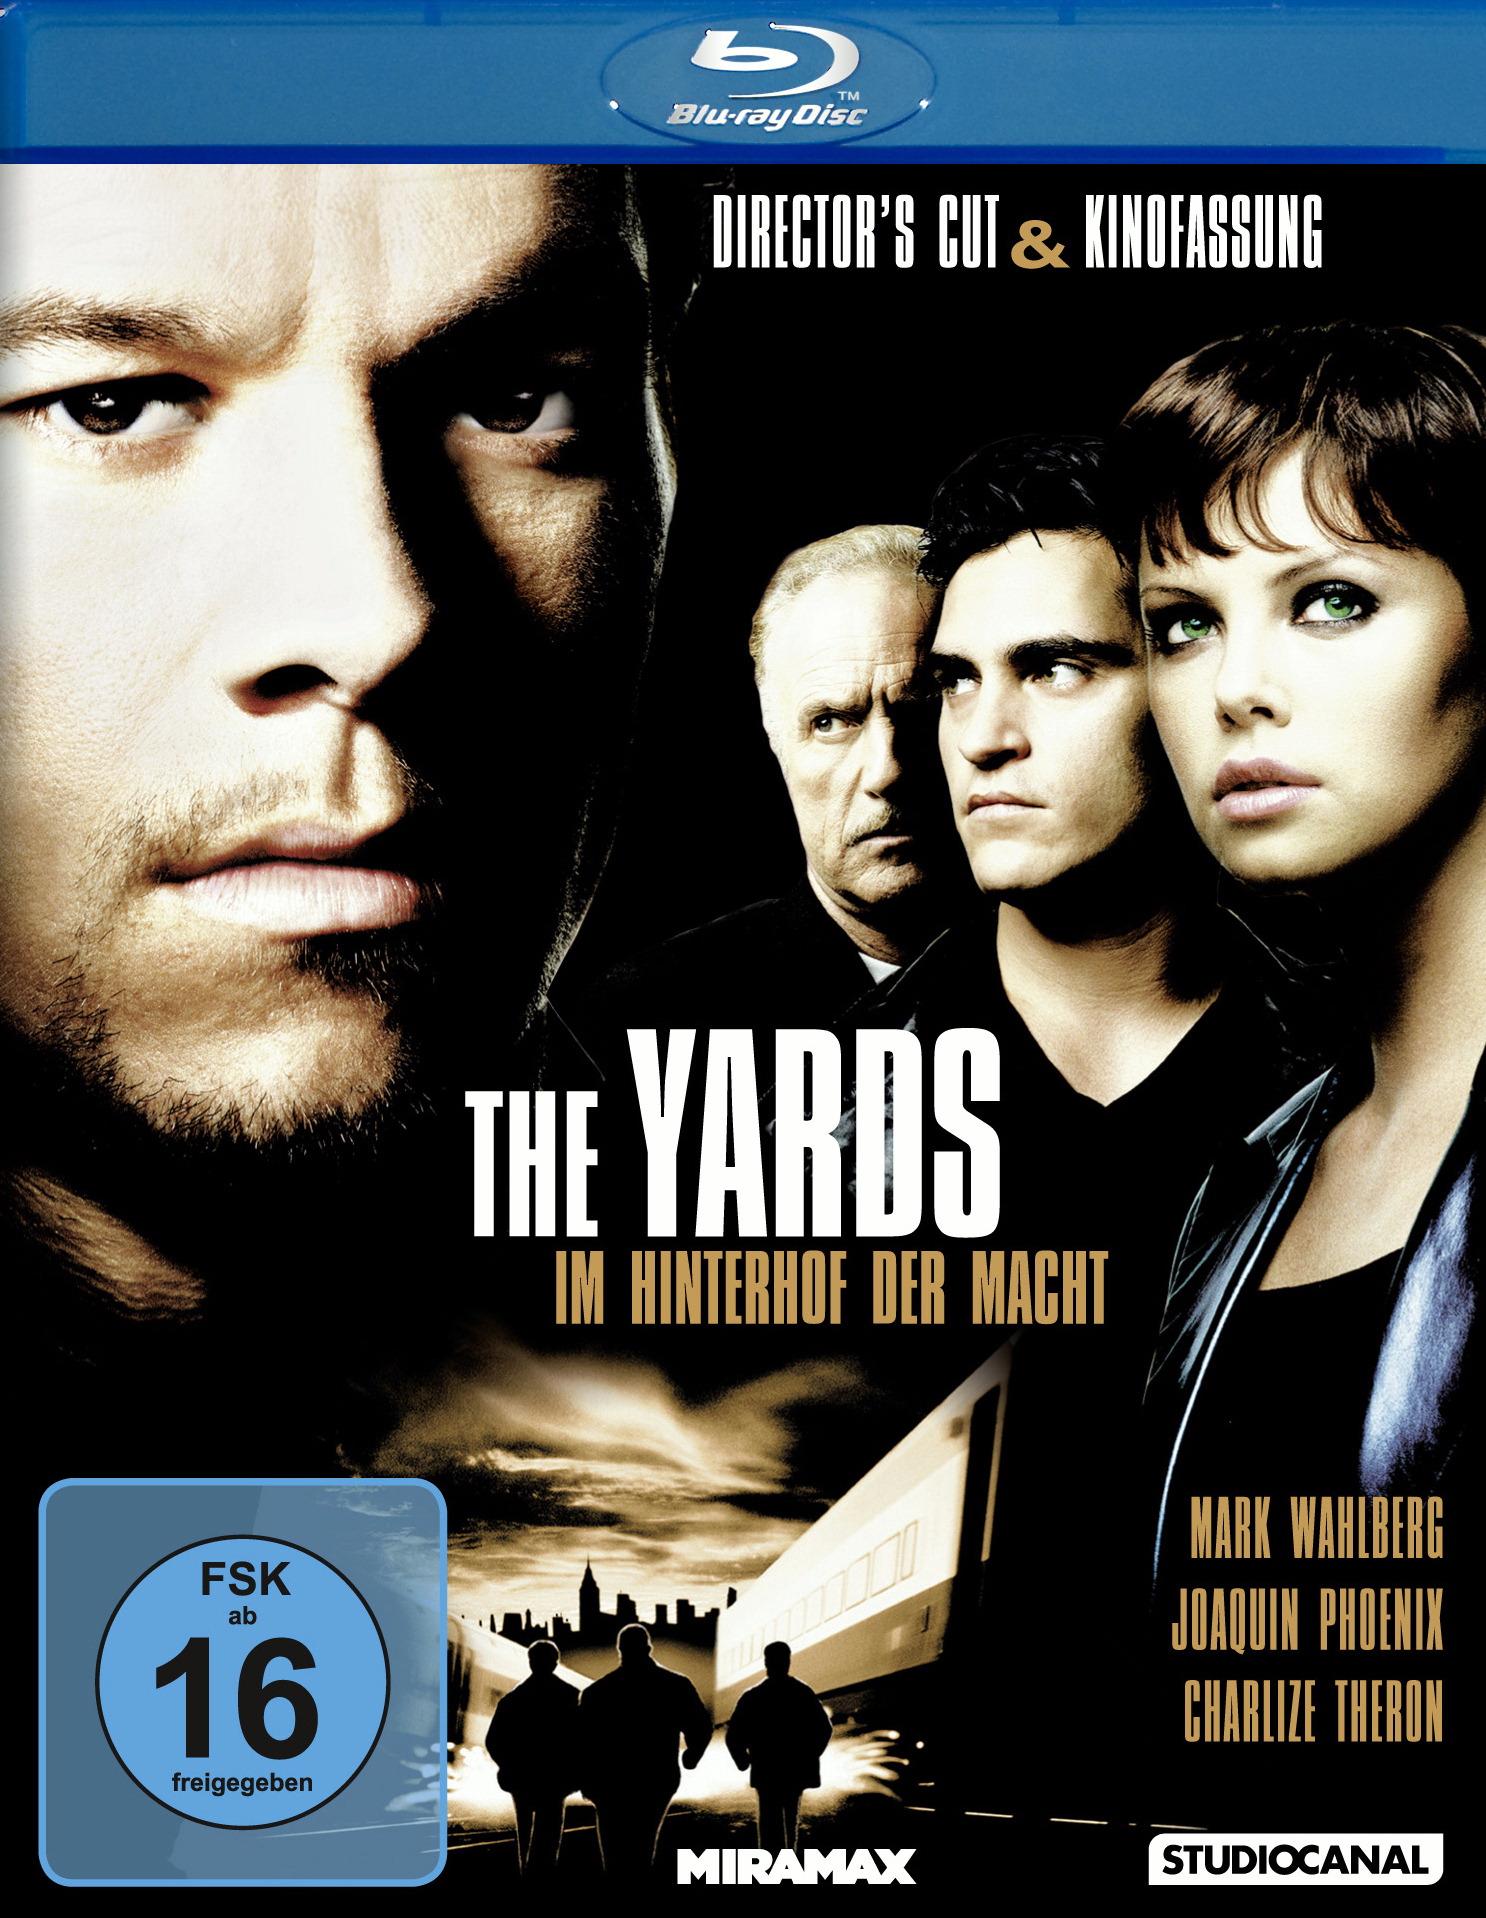 The Yards - Im Hinterhof der Macht (Director's Cut) Poster